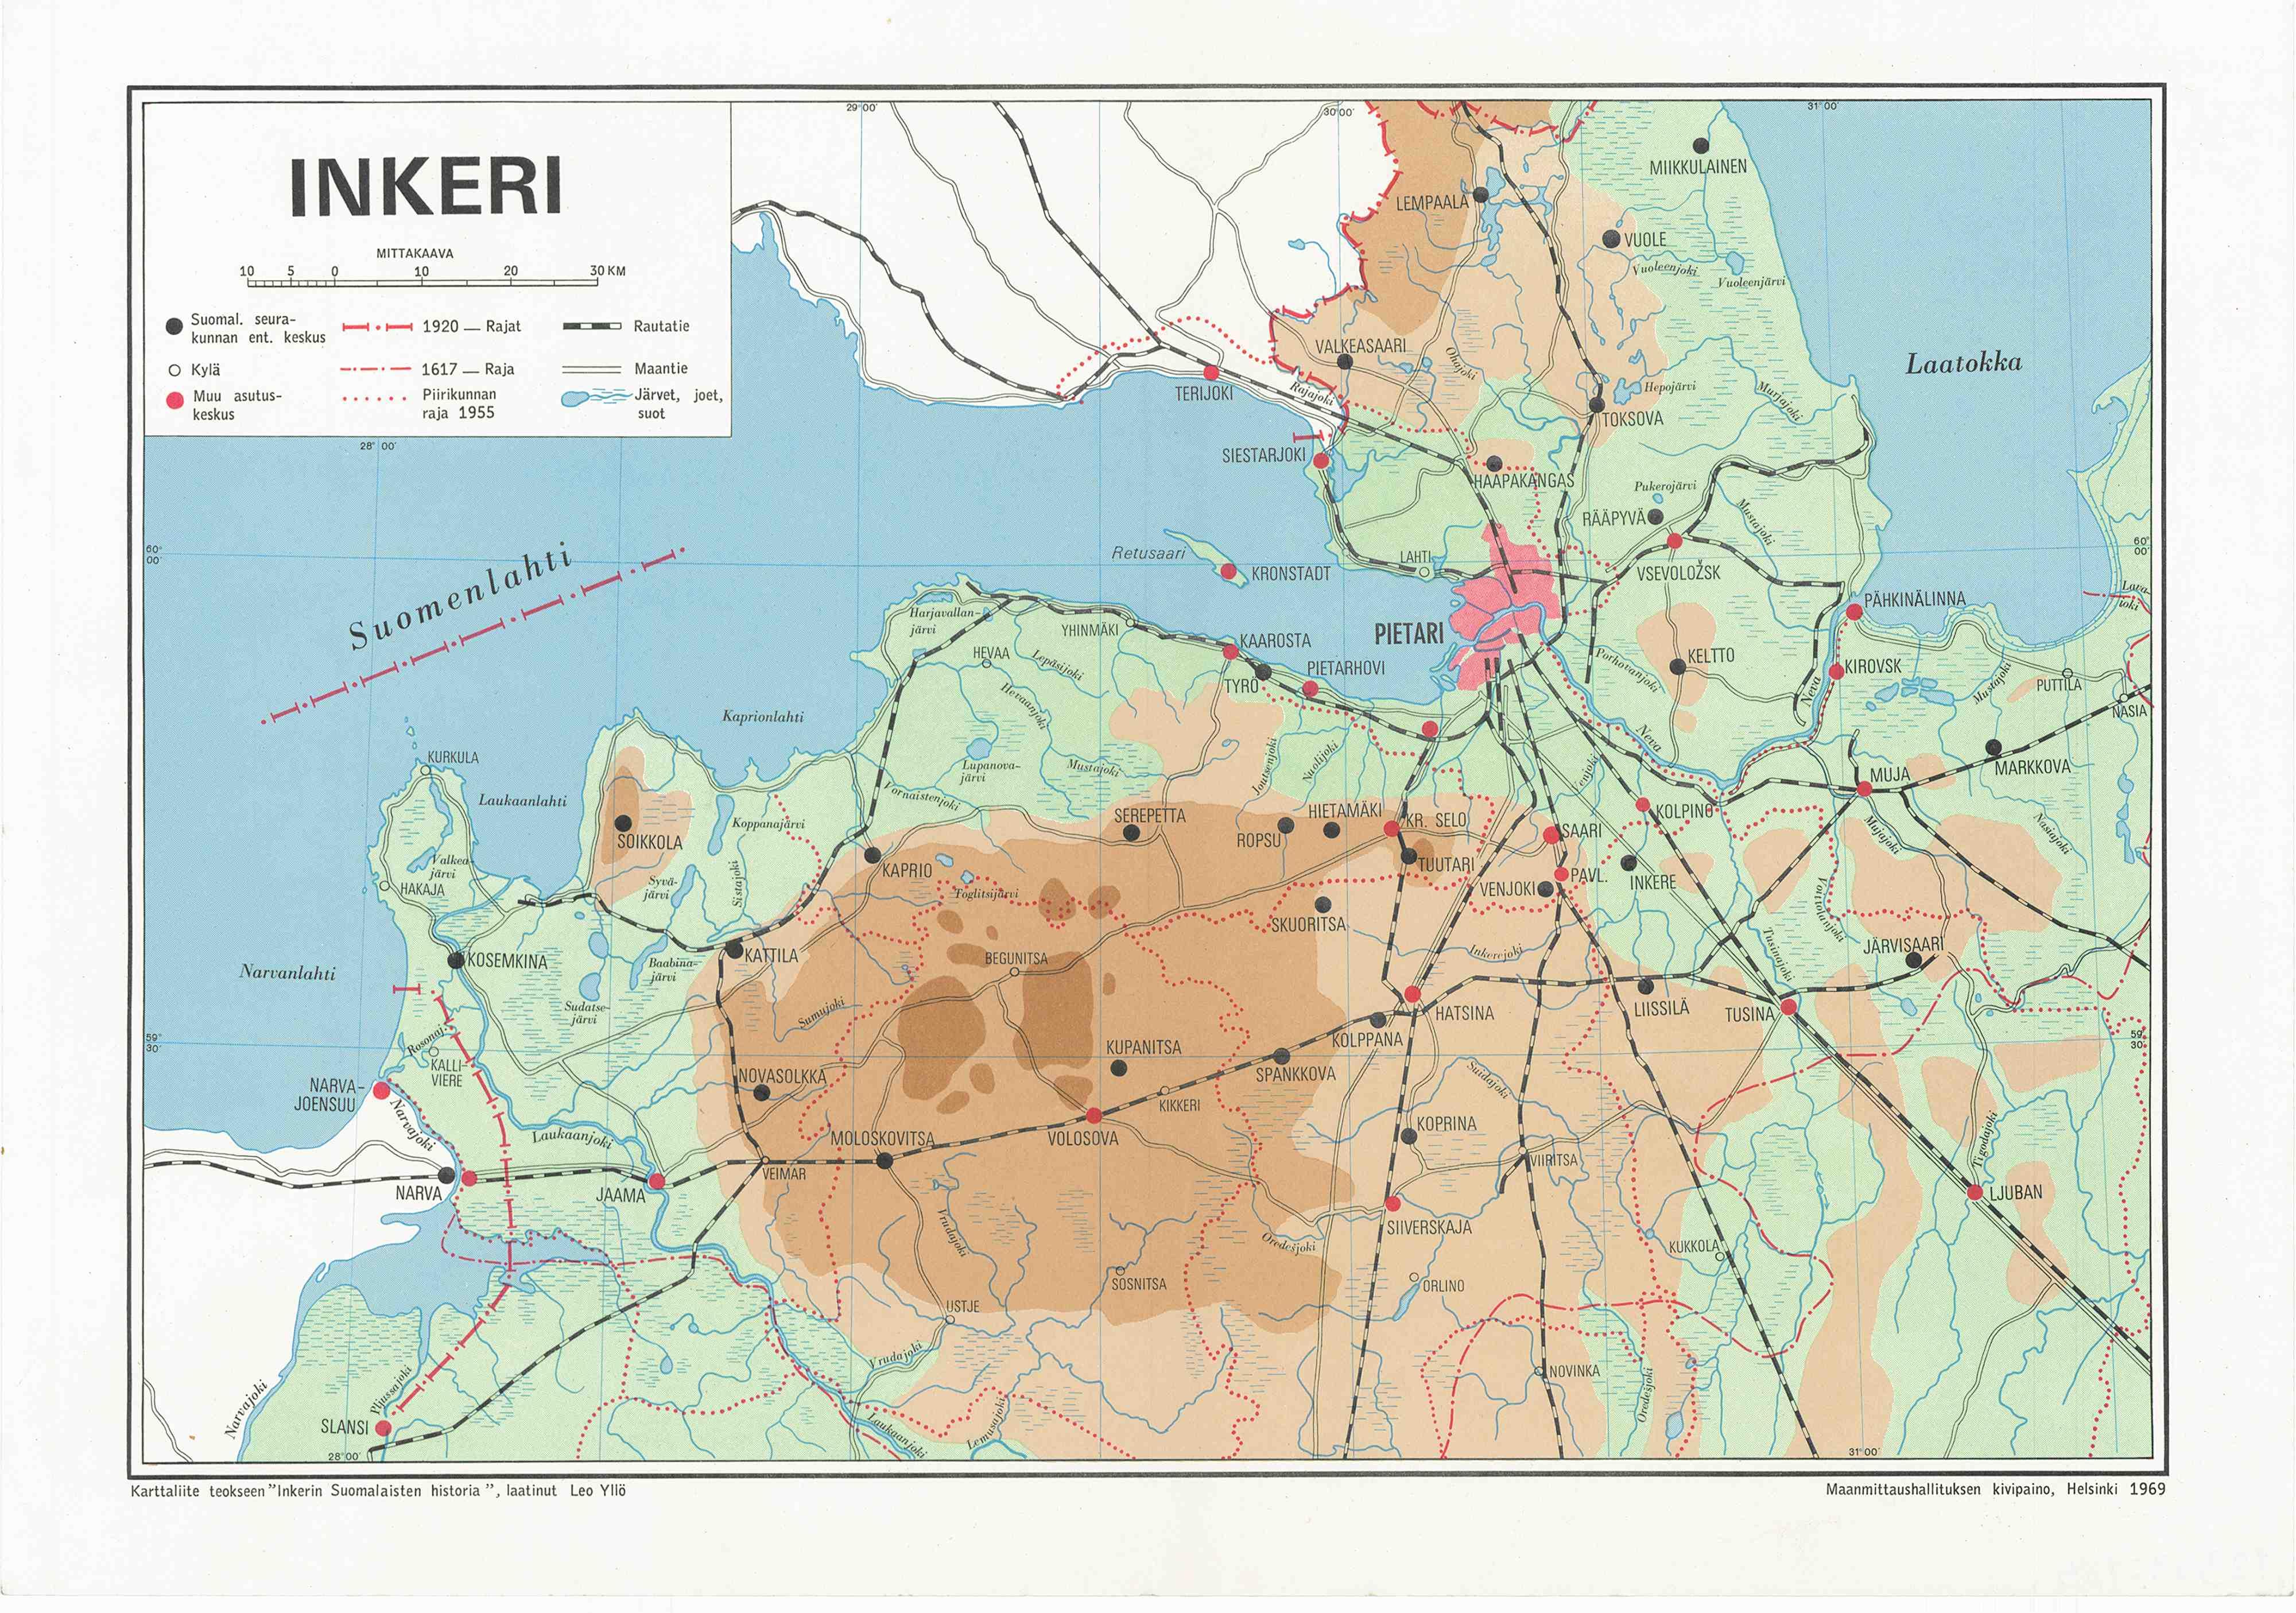 Inkerin kartta teokseen Inkerin suomalaisten historia, laatinut Leo Yllö, 1969. http://urn.fi/URN:NBN:fi-fe2015KKrt002806258 CC0